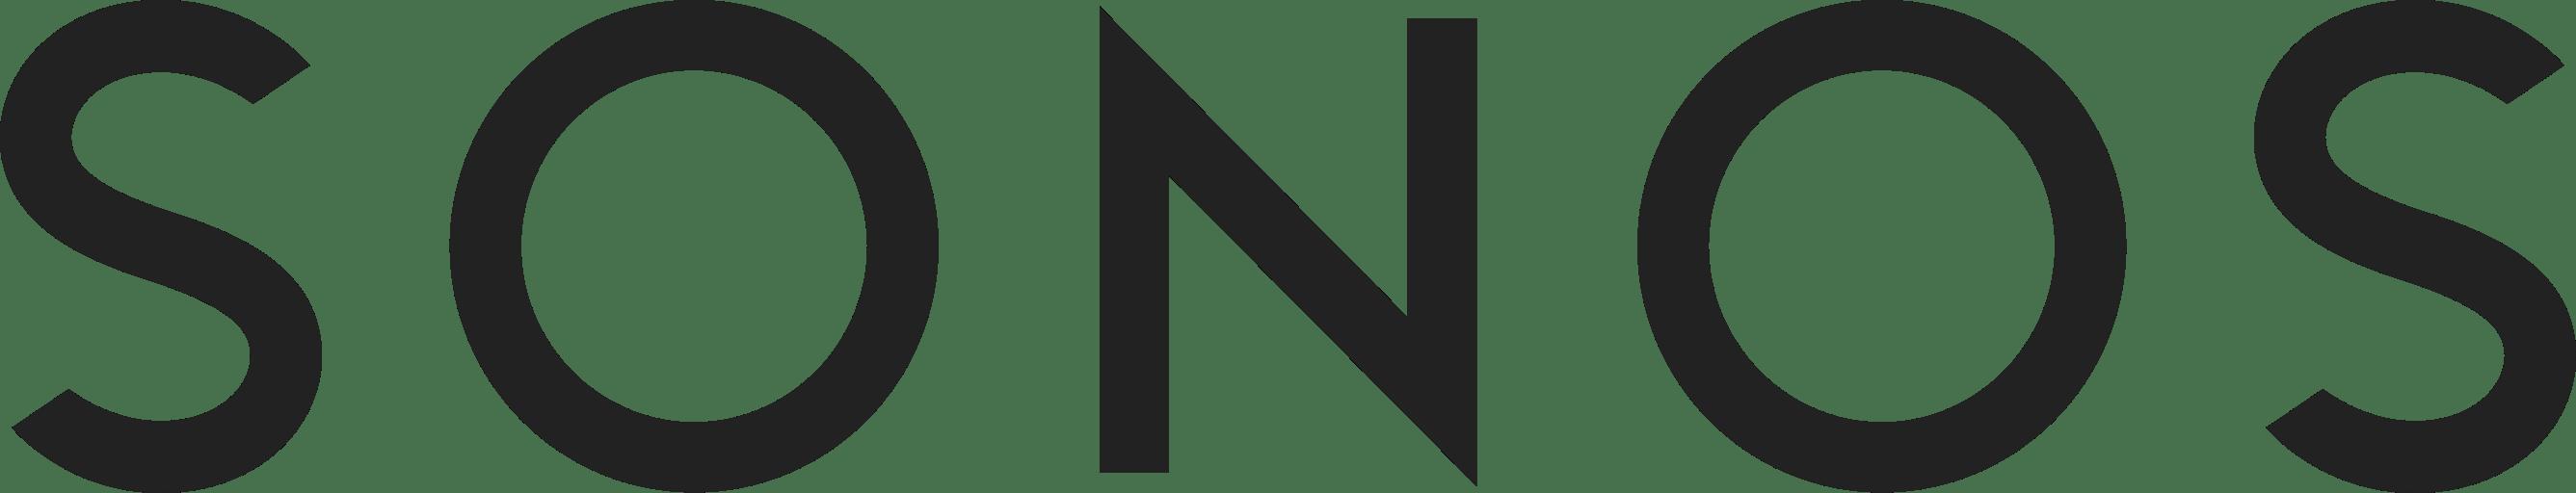 Sonos Logo transparent PNG.